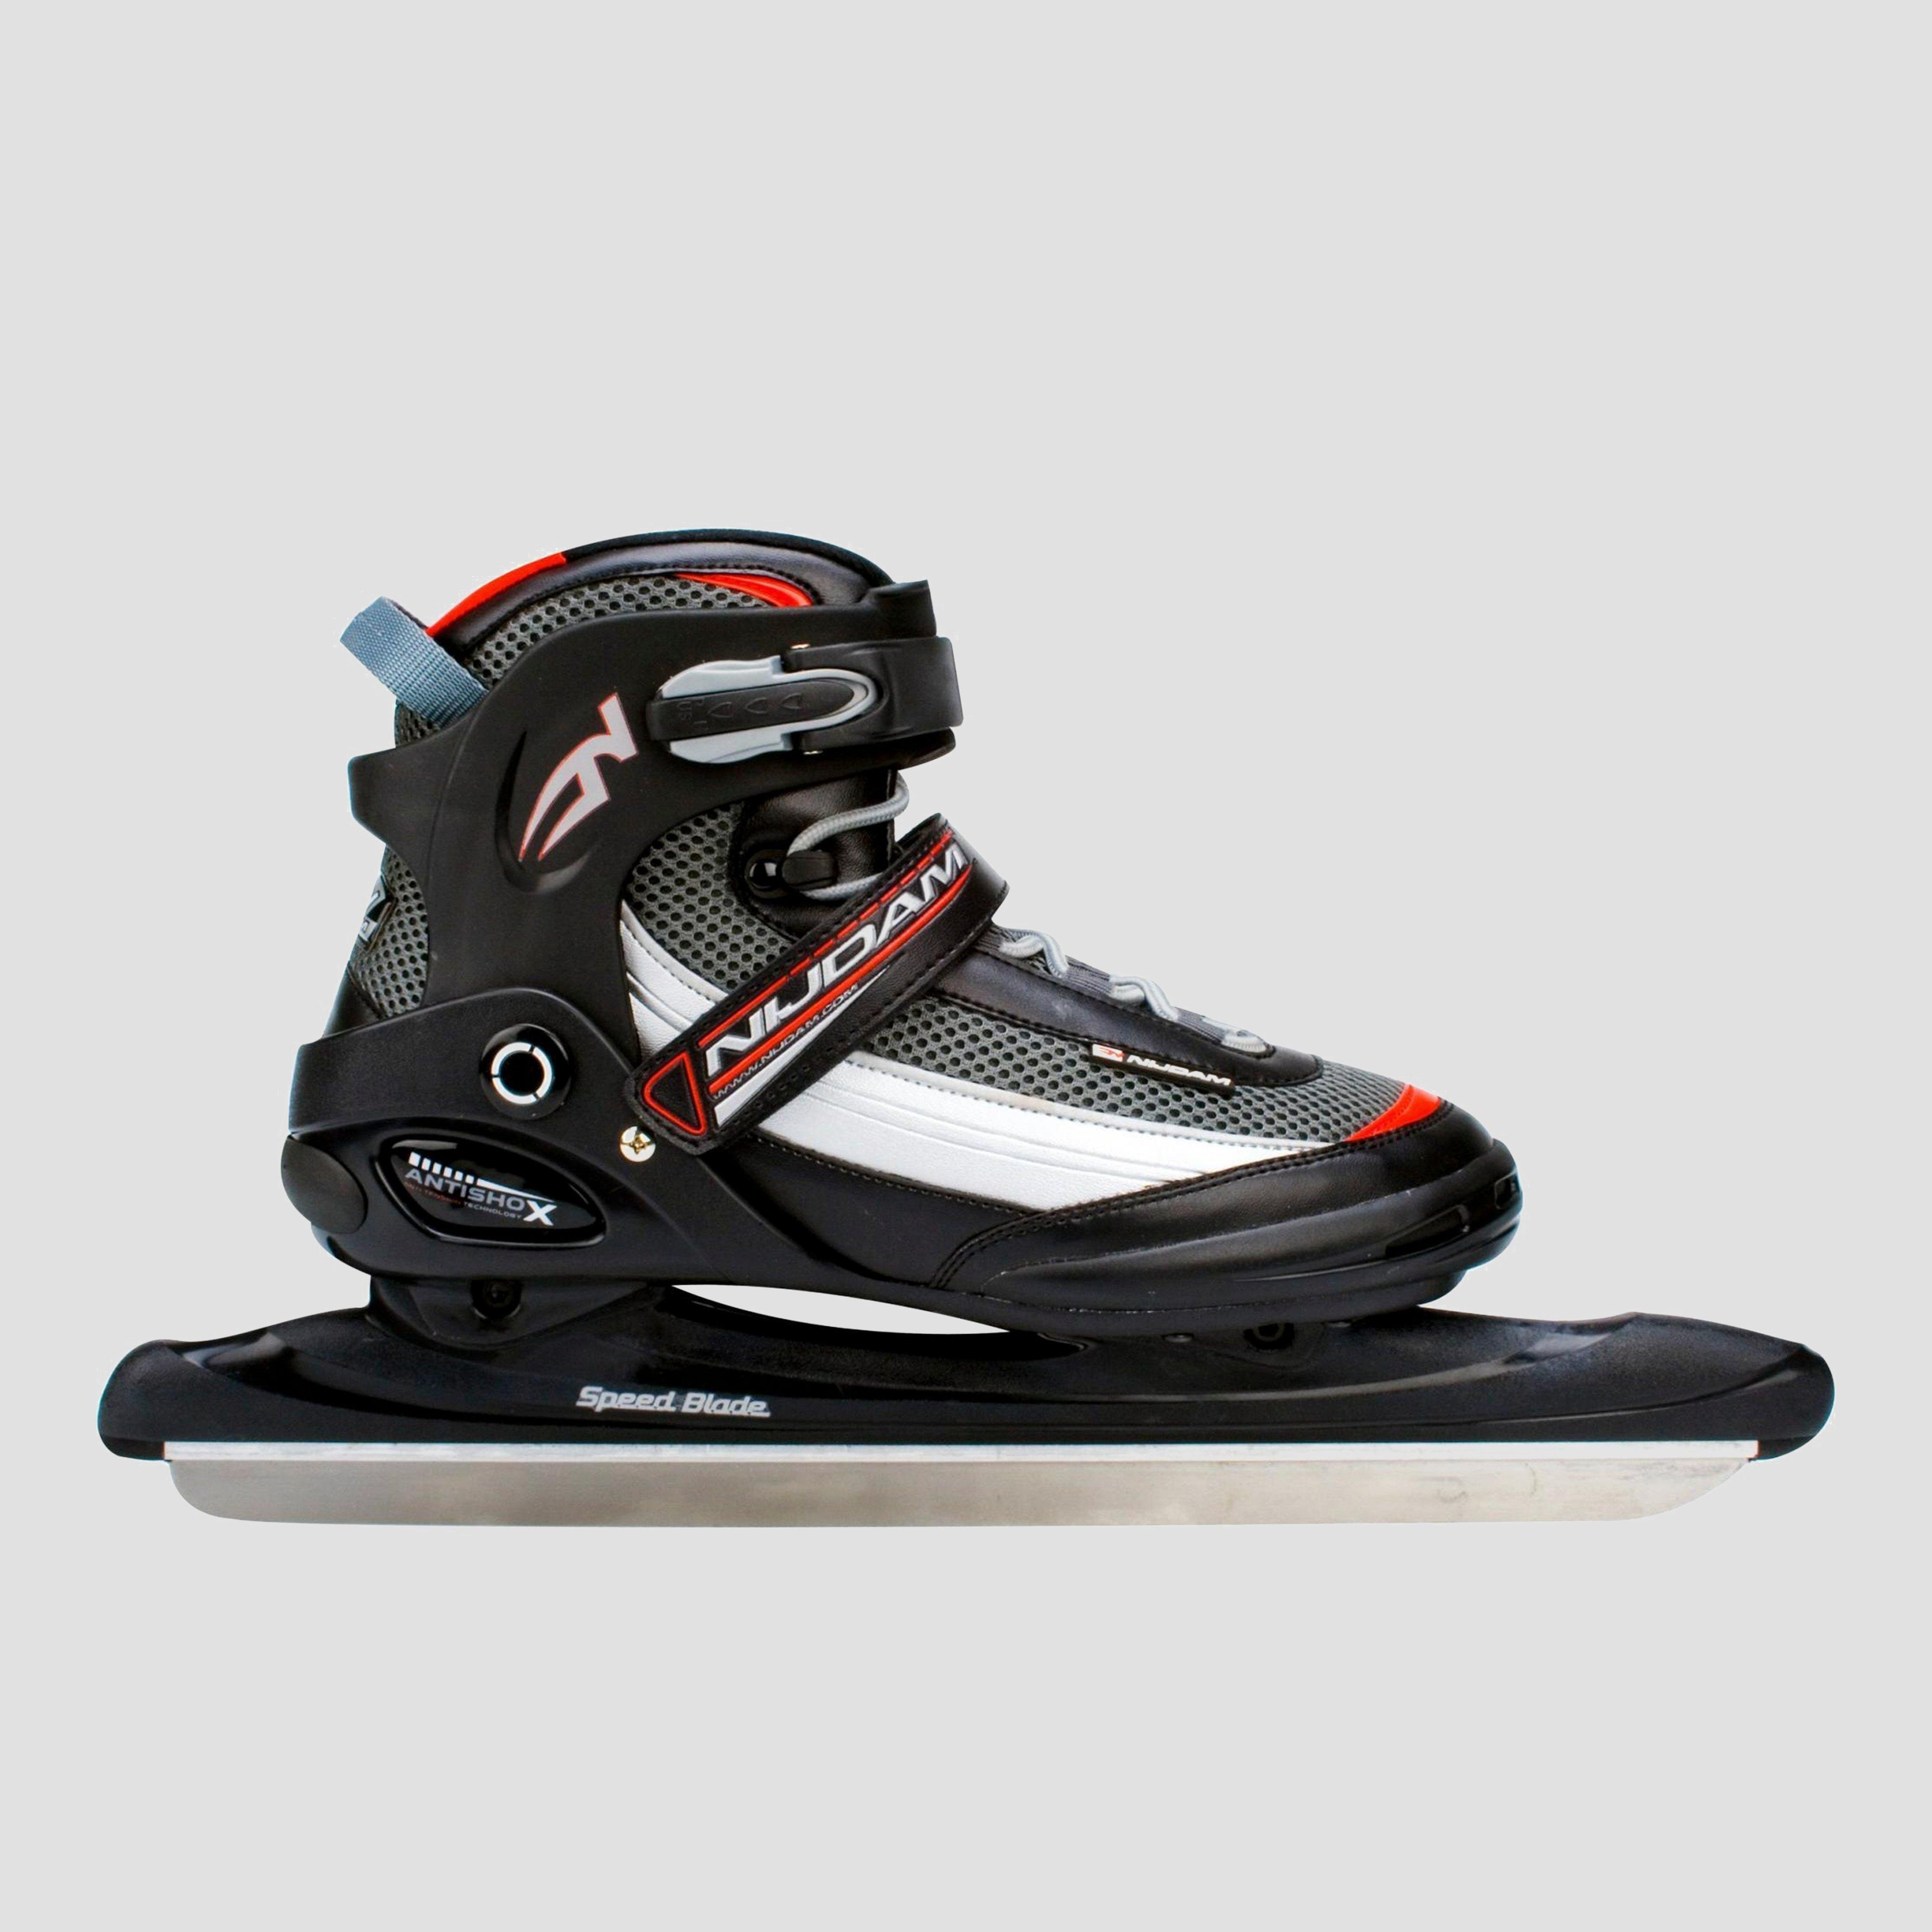 b7a8352572c IJshockeyschaatsen, noren of kunstschaatsen? - Perry Blog